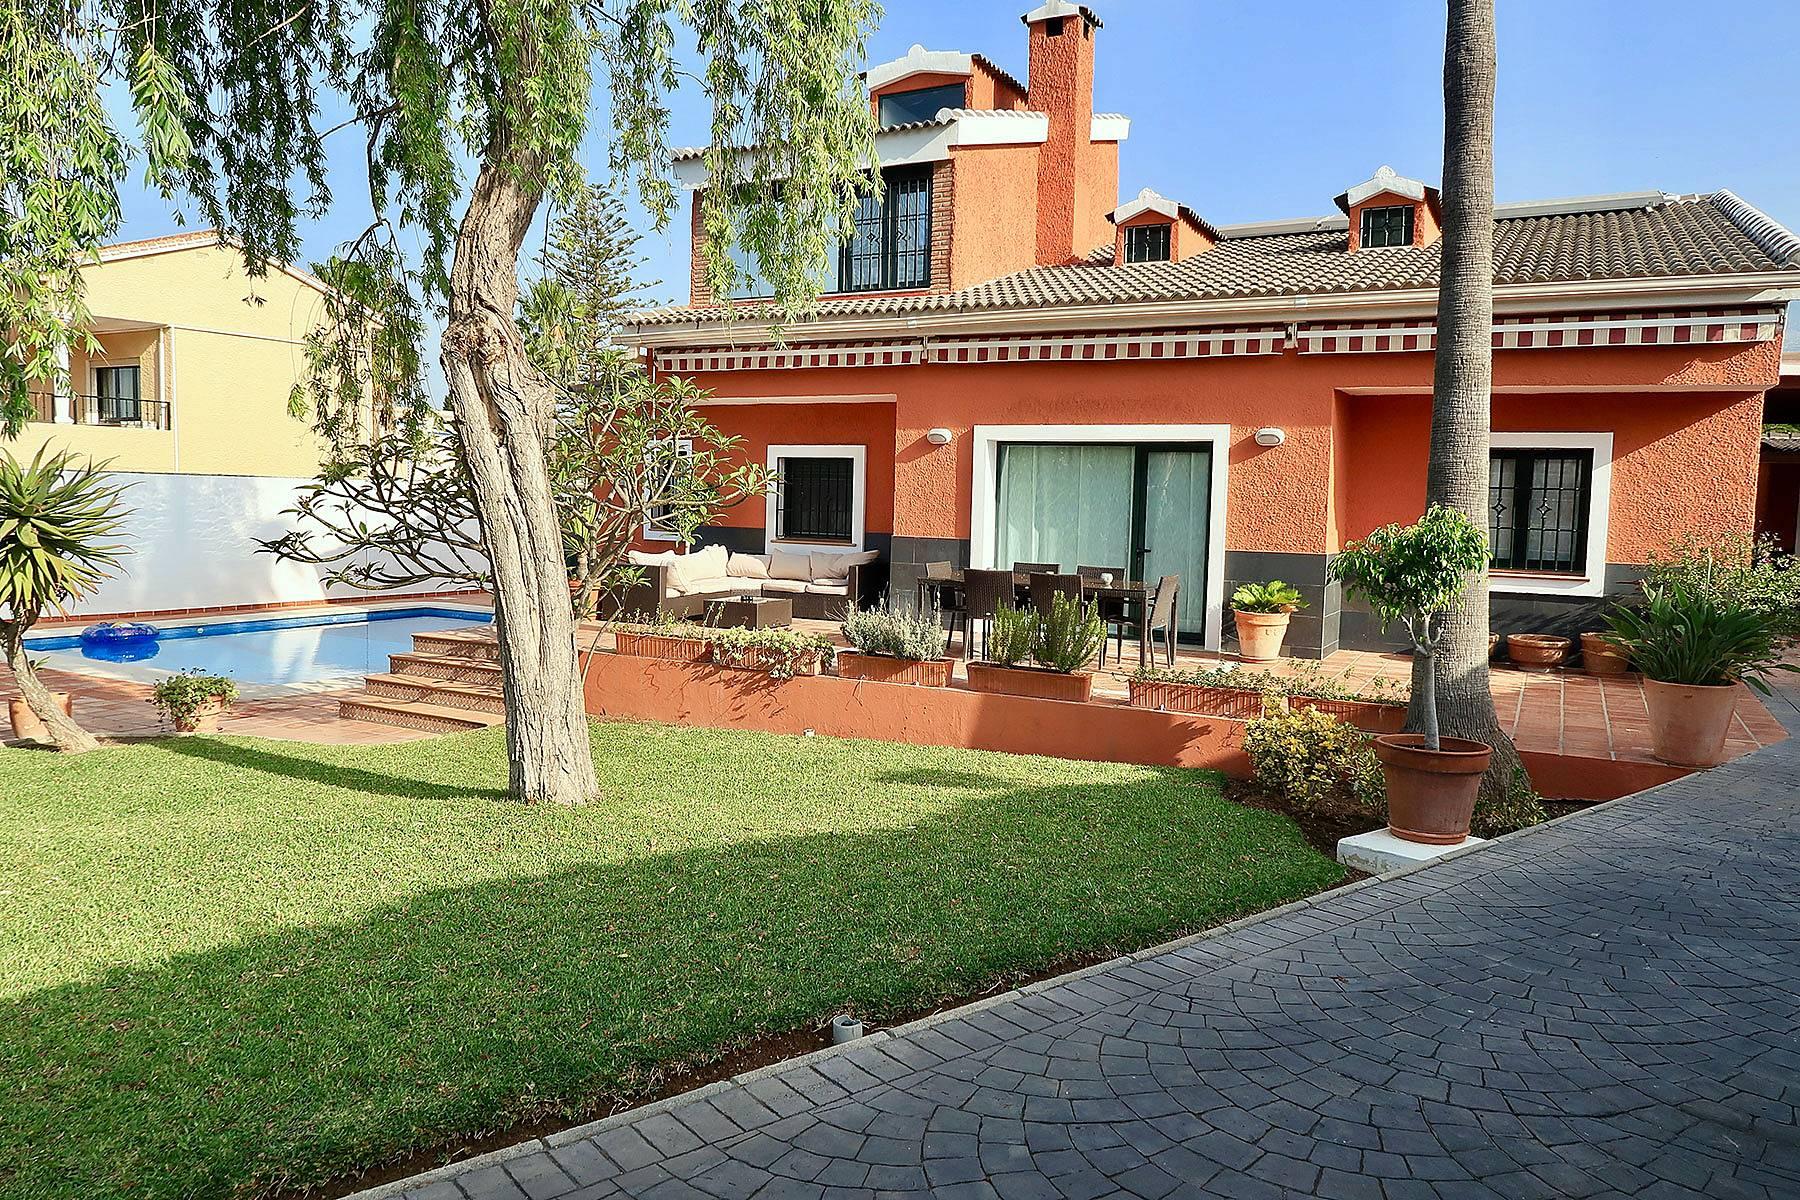 Villa con piscina y barbacoa cerca de la playa las lagunas mijas m laga costa del sol - Jardines con piscinas fotos ...